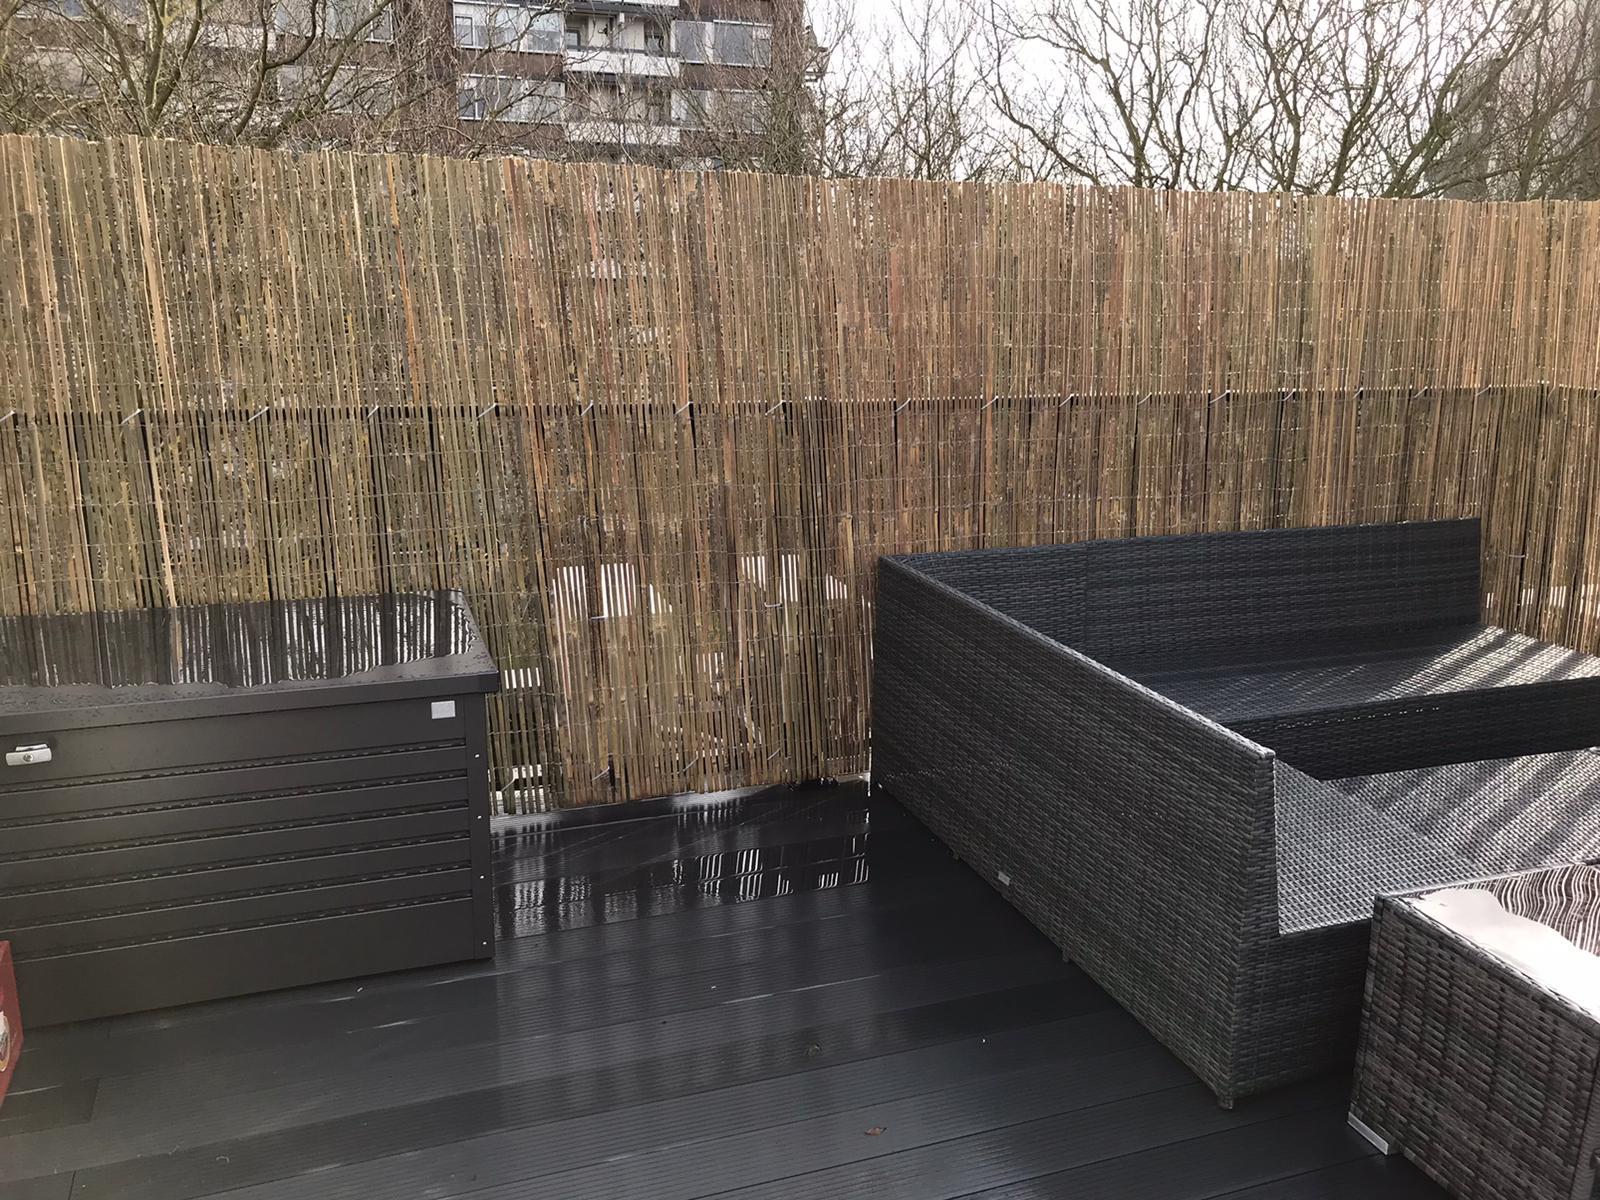 Spruijt Klimaat -appartement Amsterdam daikin emura spruijt klimaattechniek balkon buitenunit